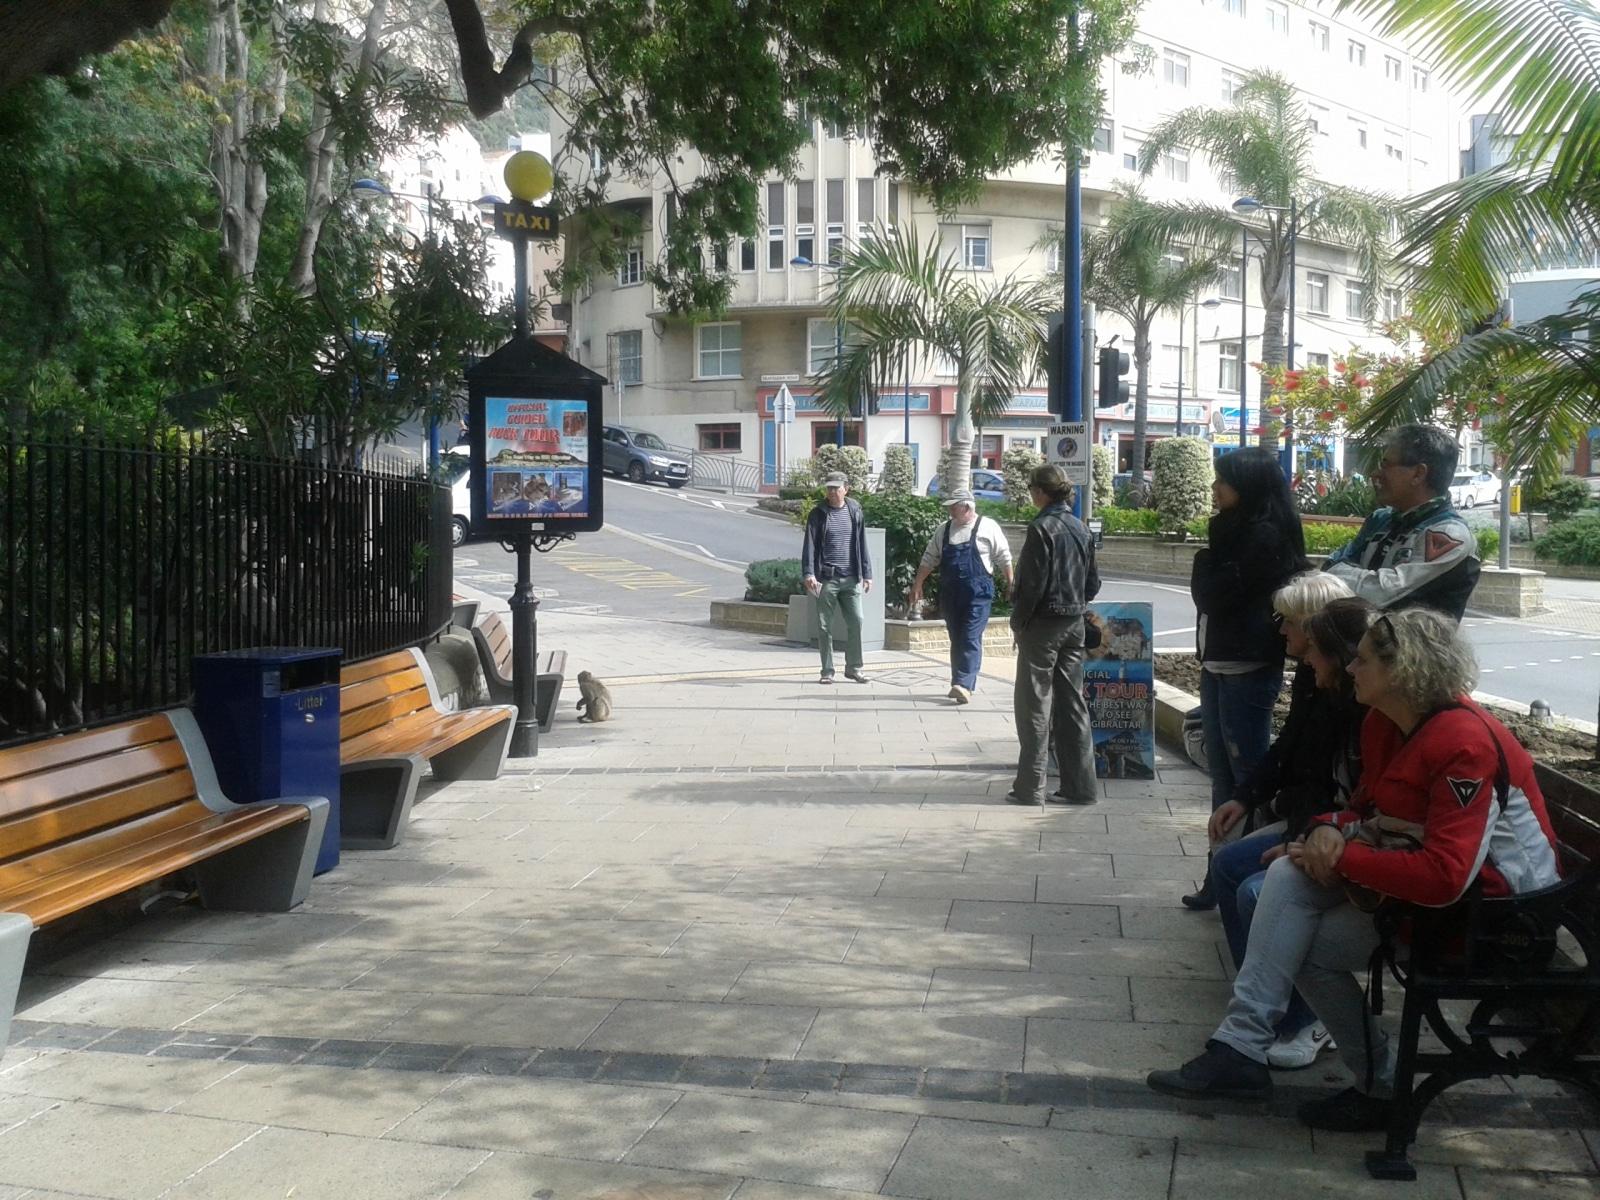 monos-en-la-ciudad-11_9222303613_o